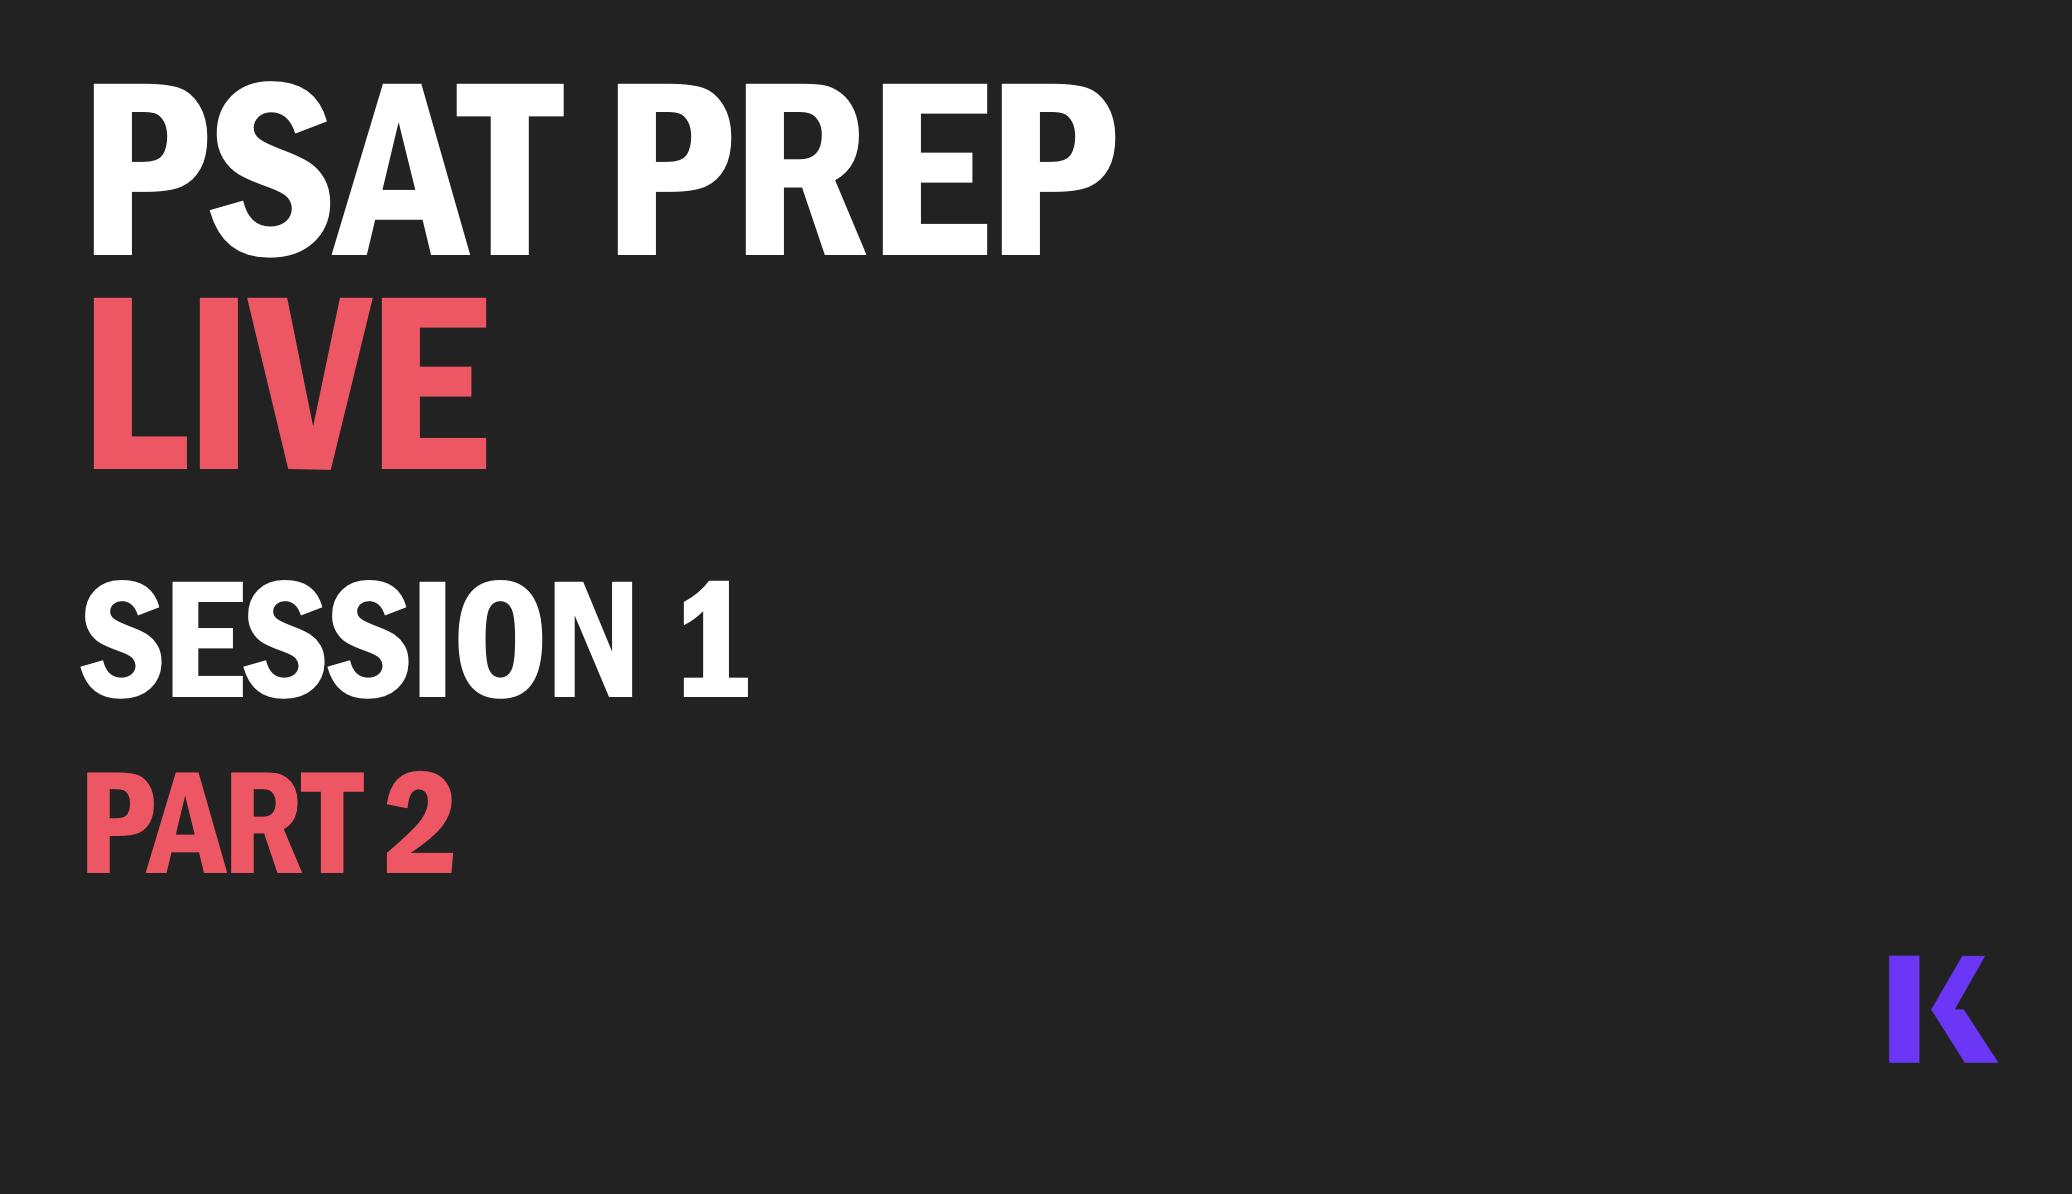 psat-prep-live-session-1-part-2